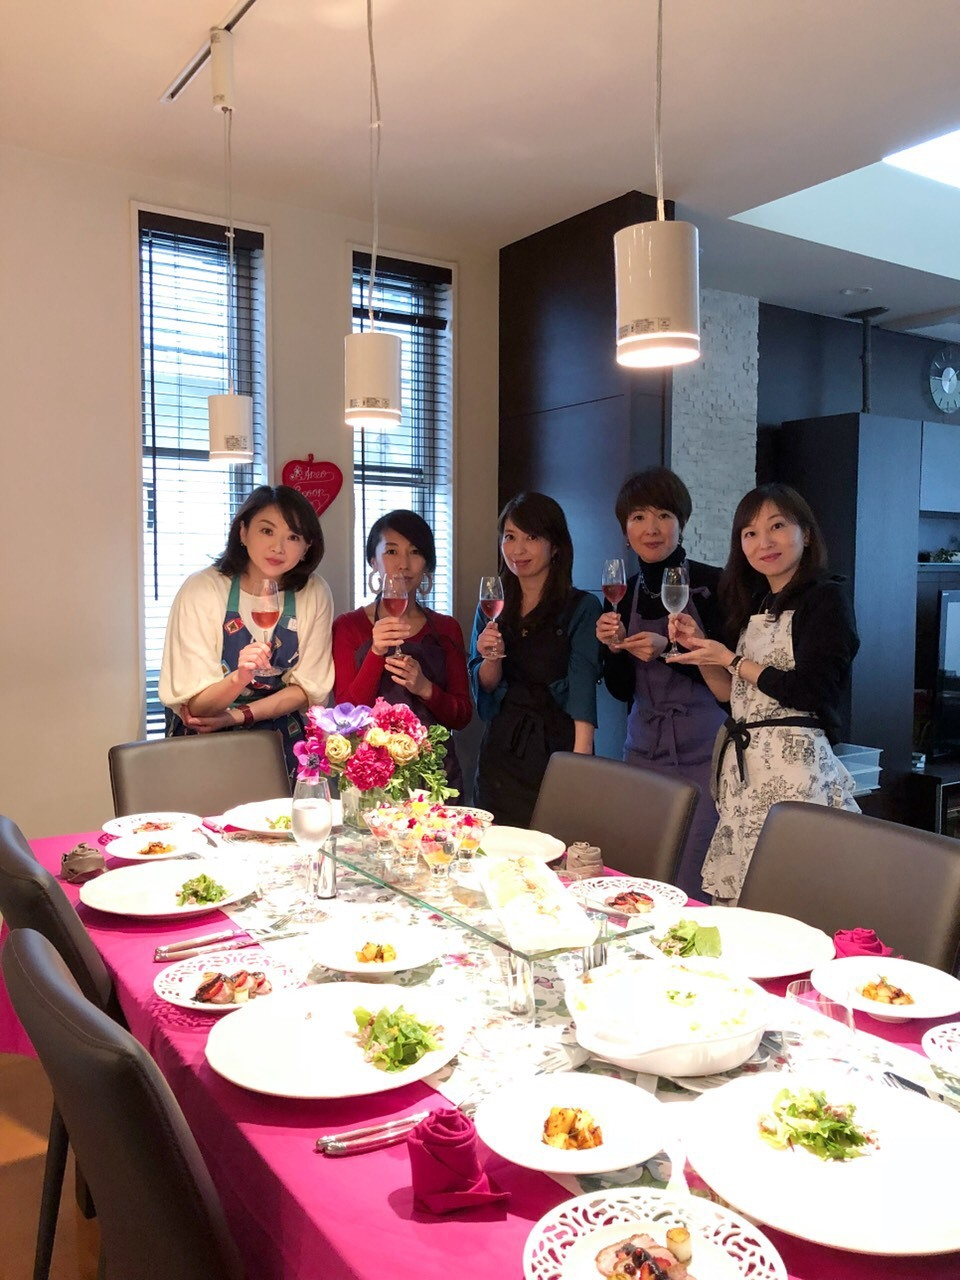 春はピンクのテーブルコーディネートでお料理を楽しく_1_4